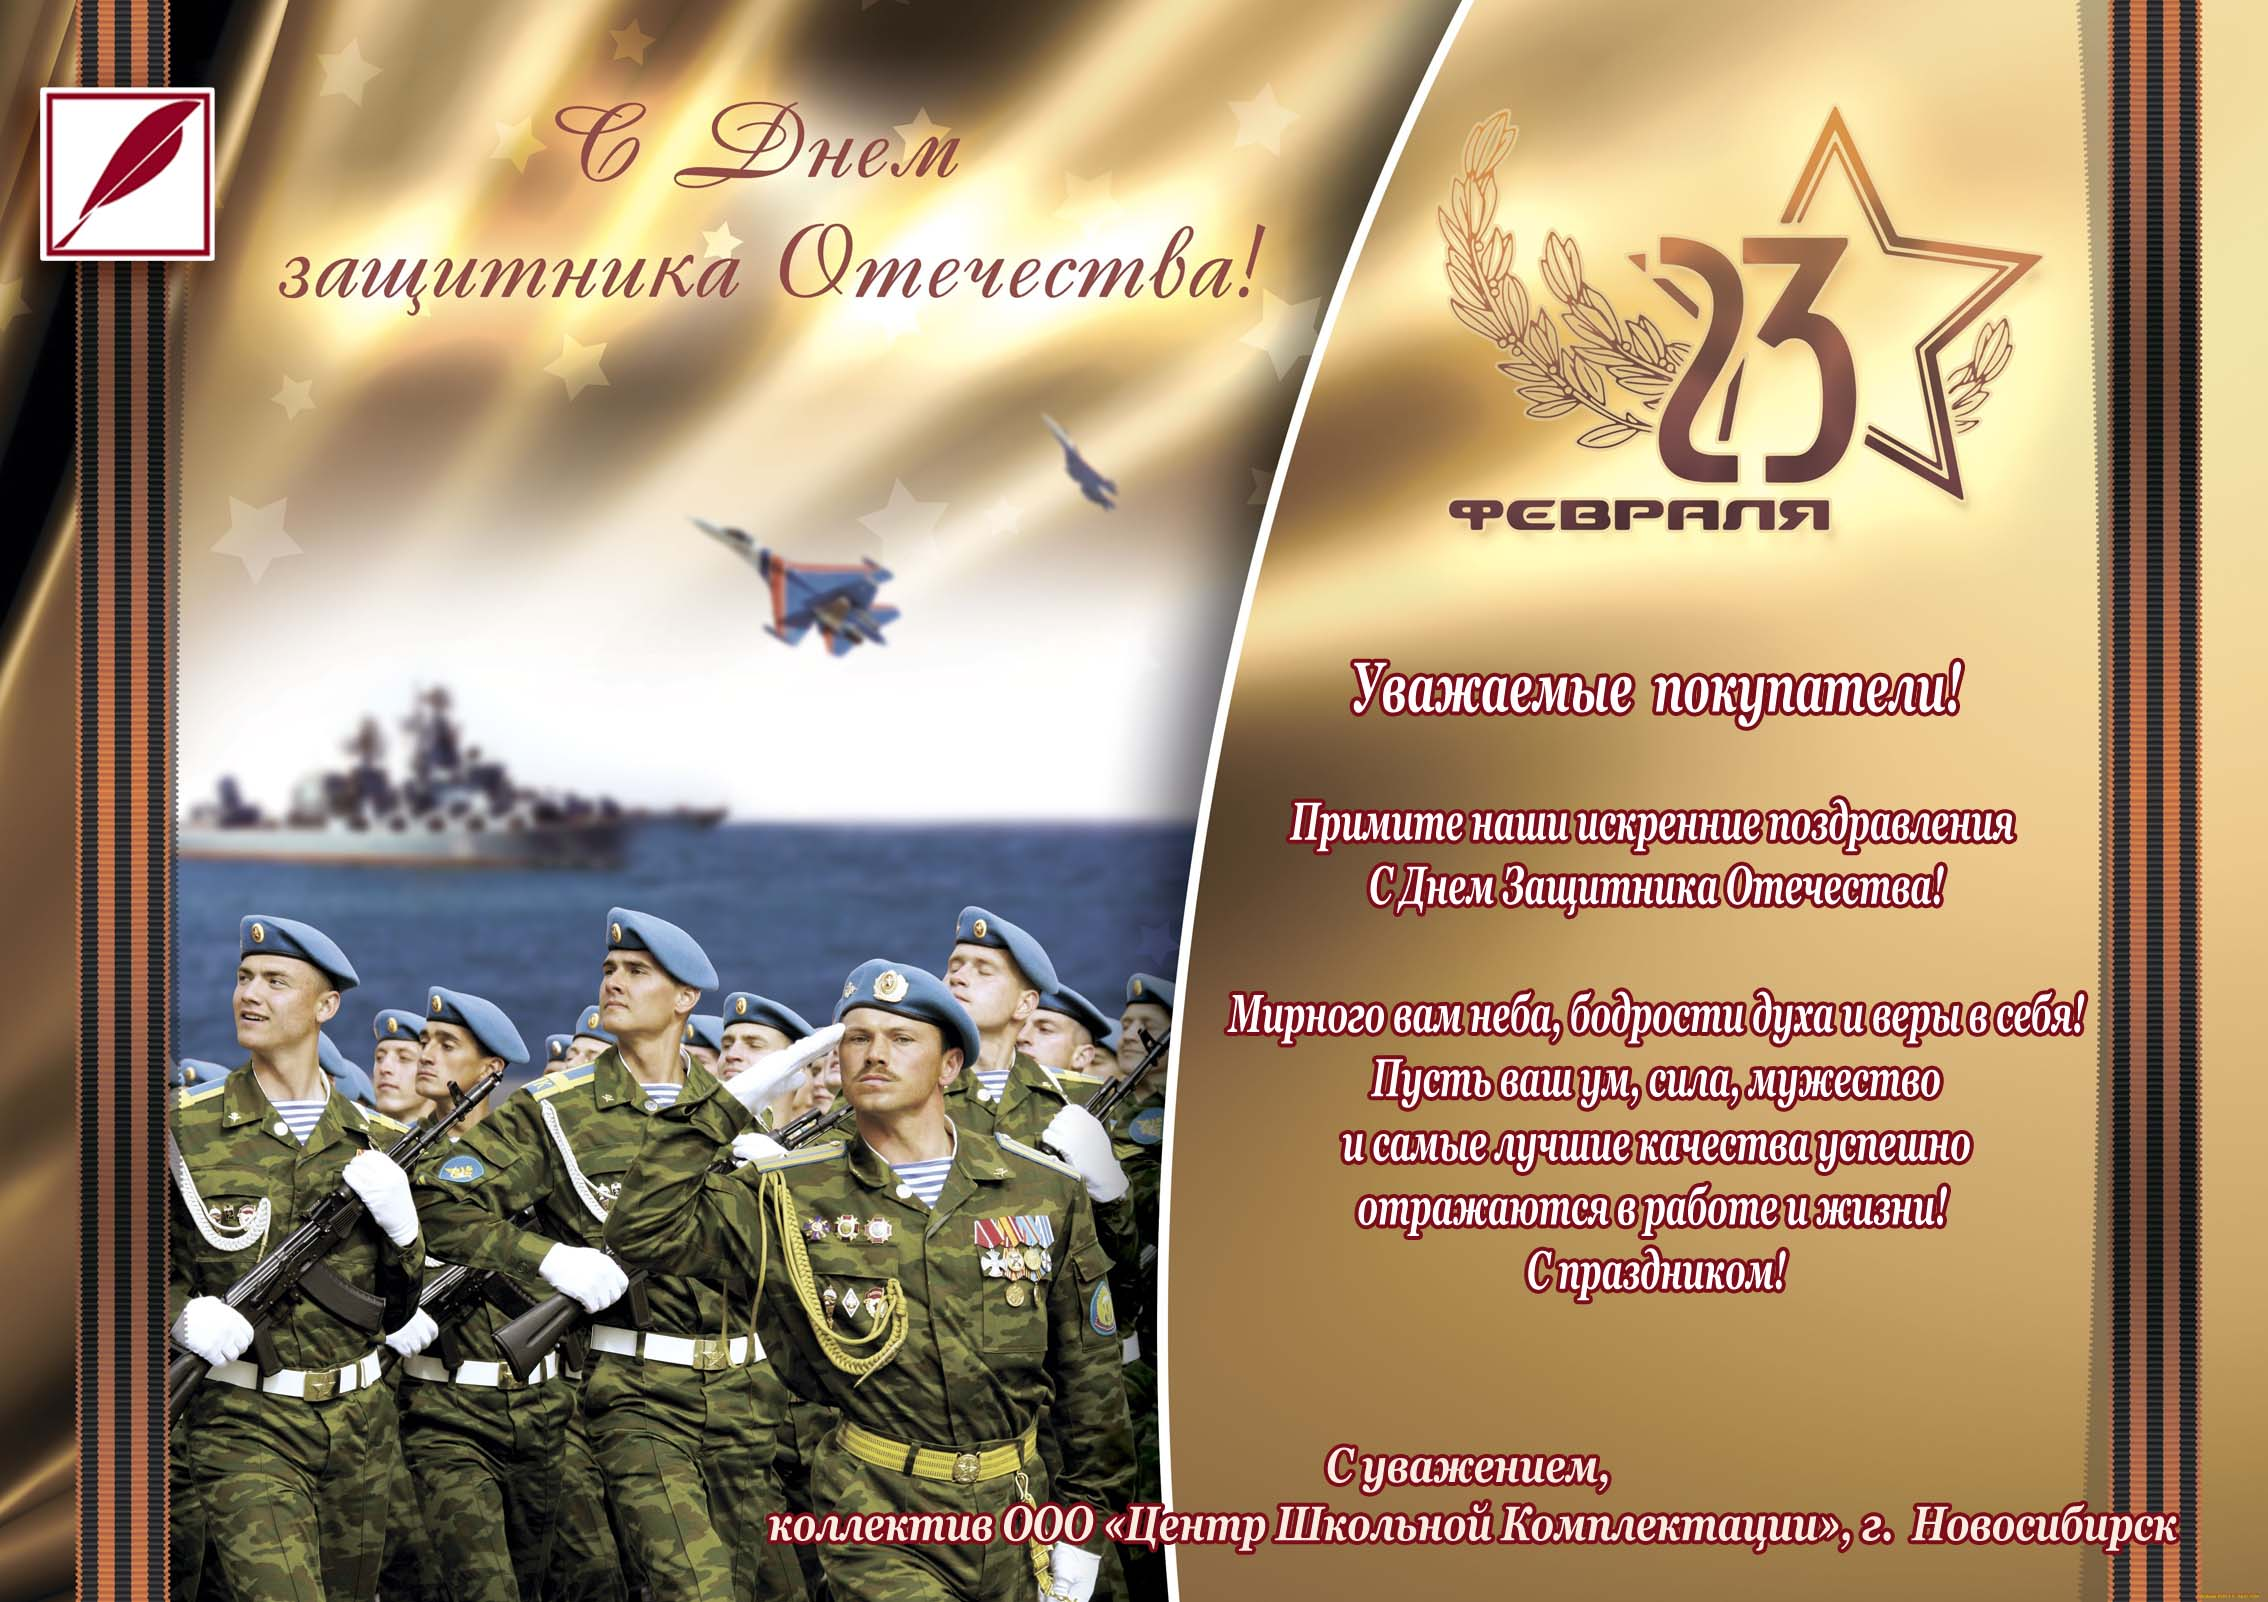 Поздравления на 23 февраля сыну в армию